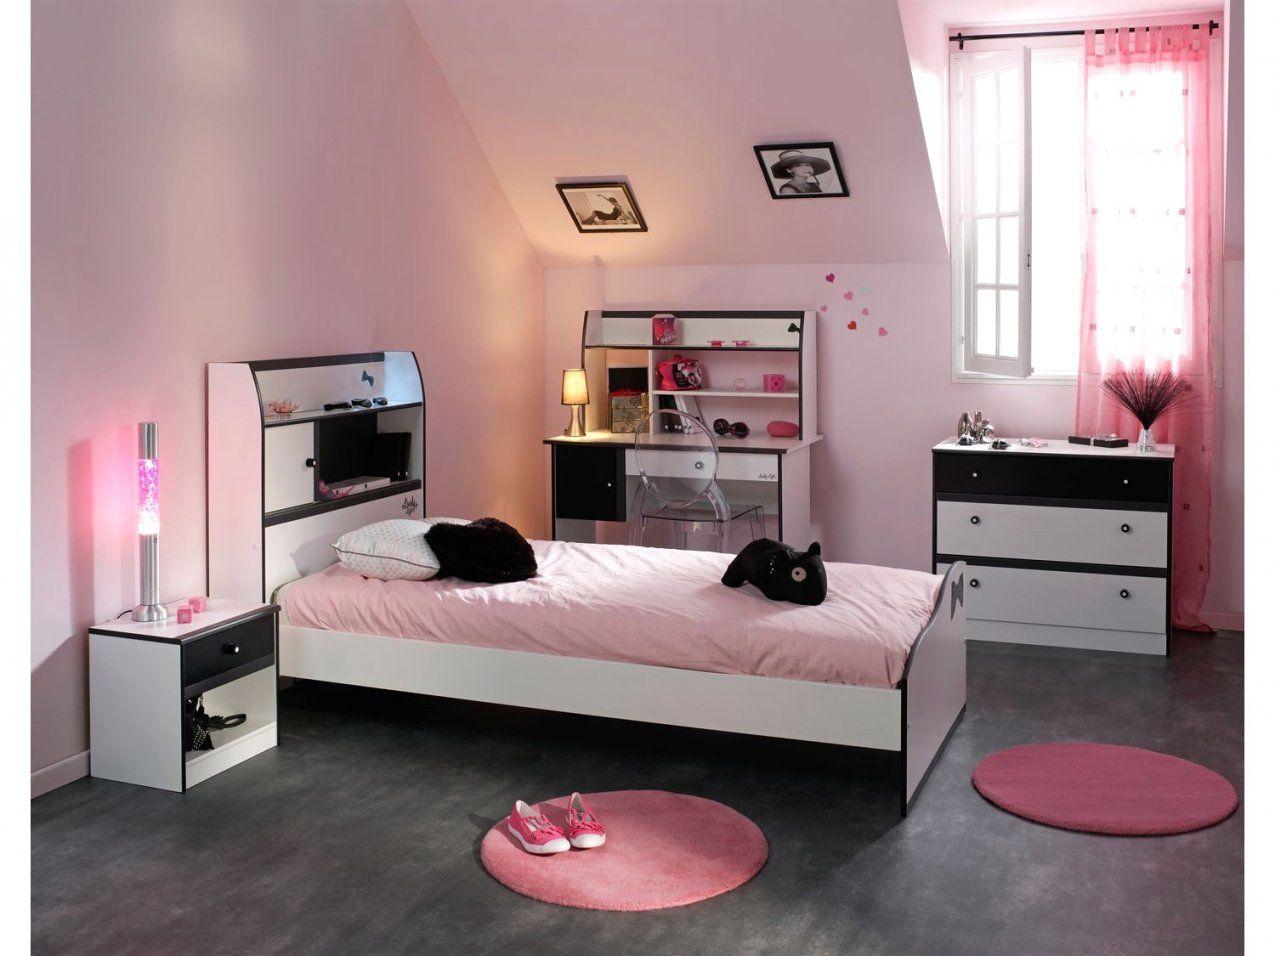 Jugendzimmer Für Jungs Grau von Jugendzimmer Für Jungs Modern Photo